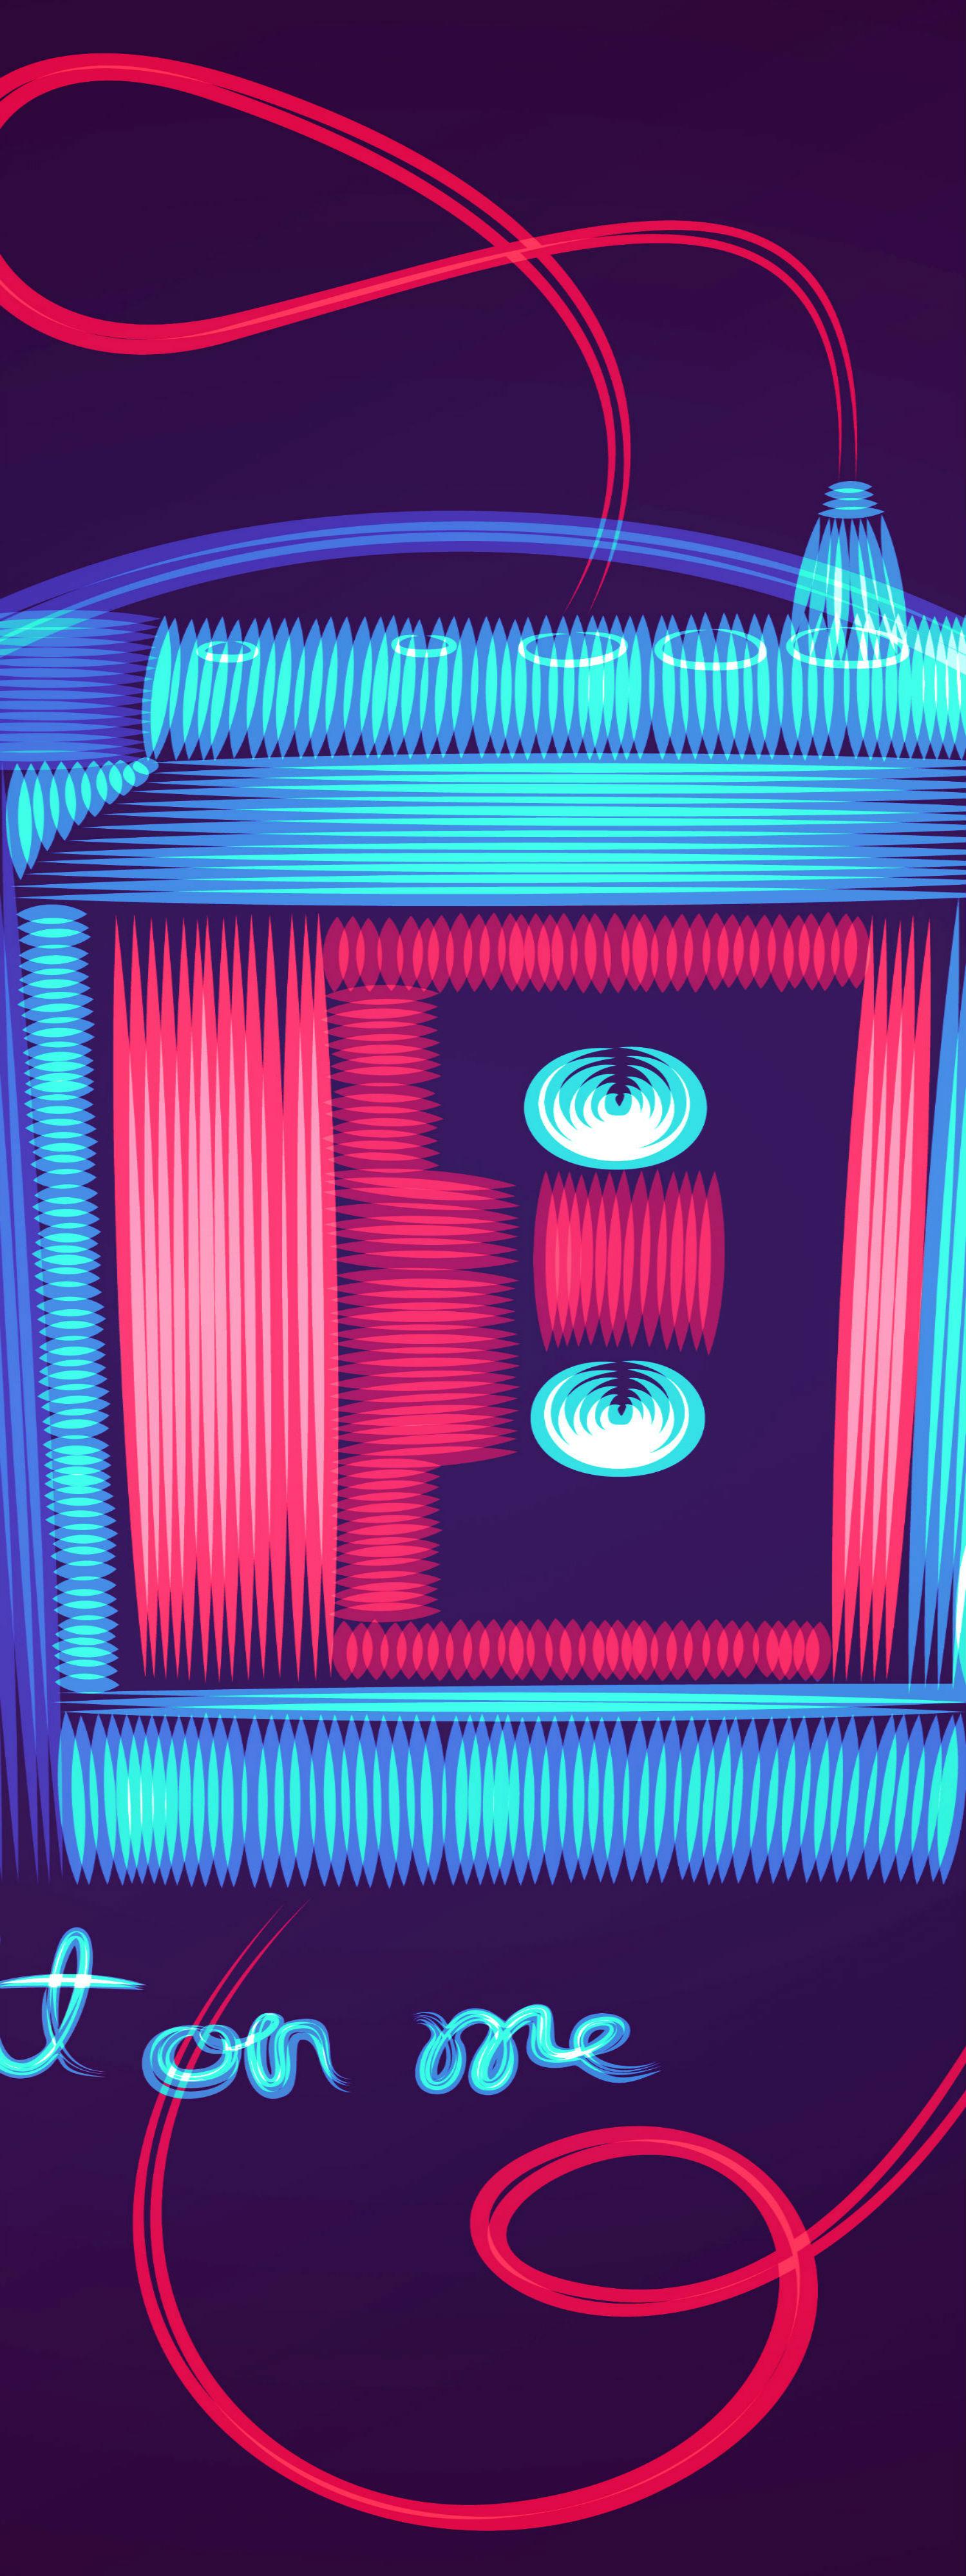 patrick seymour digital art electric colours walkman